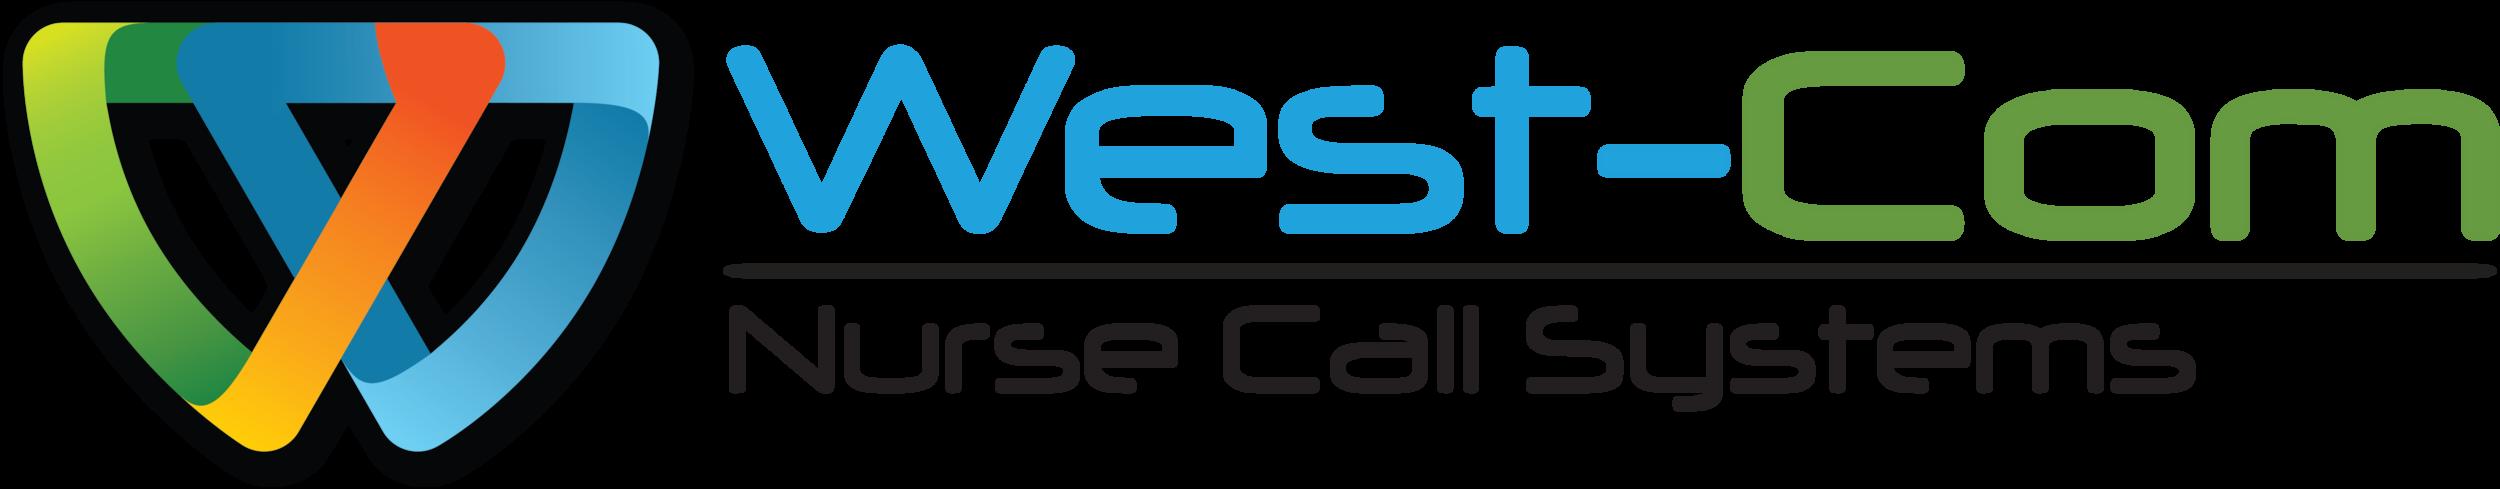 West-Com-Nurse-Call.png